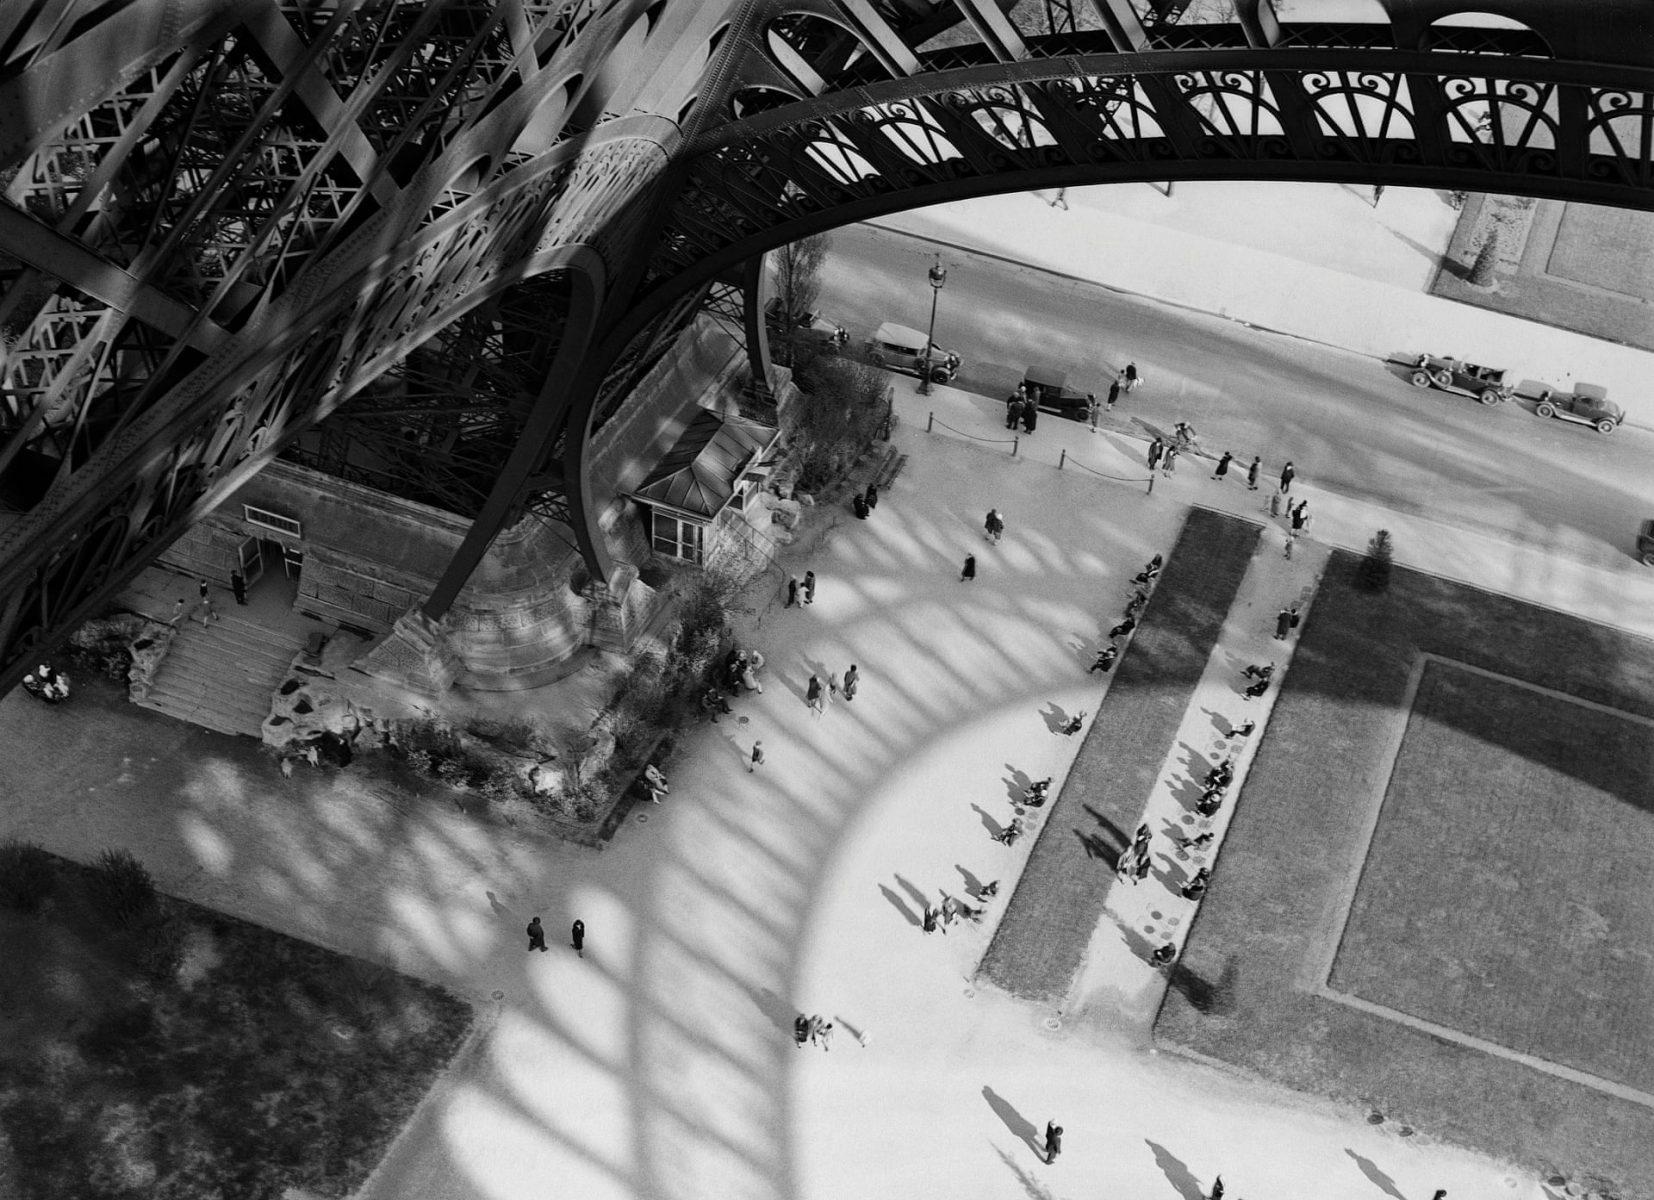 André Kertész, Luftbild, Paris, Eiffelturm, Black & White, 1929